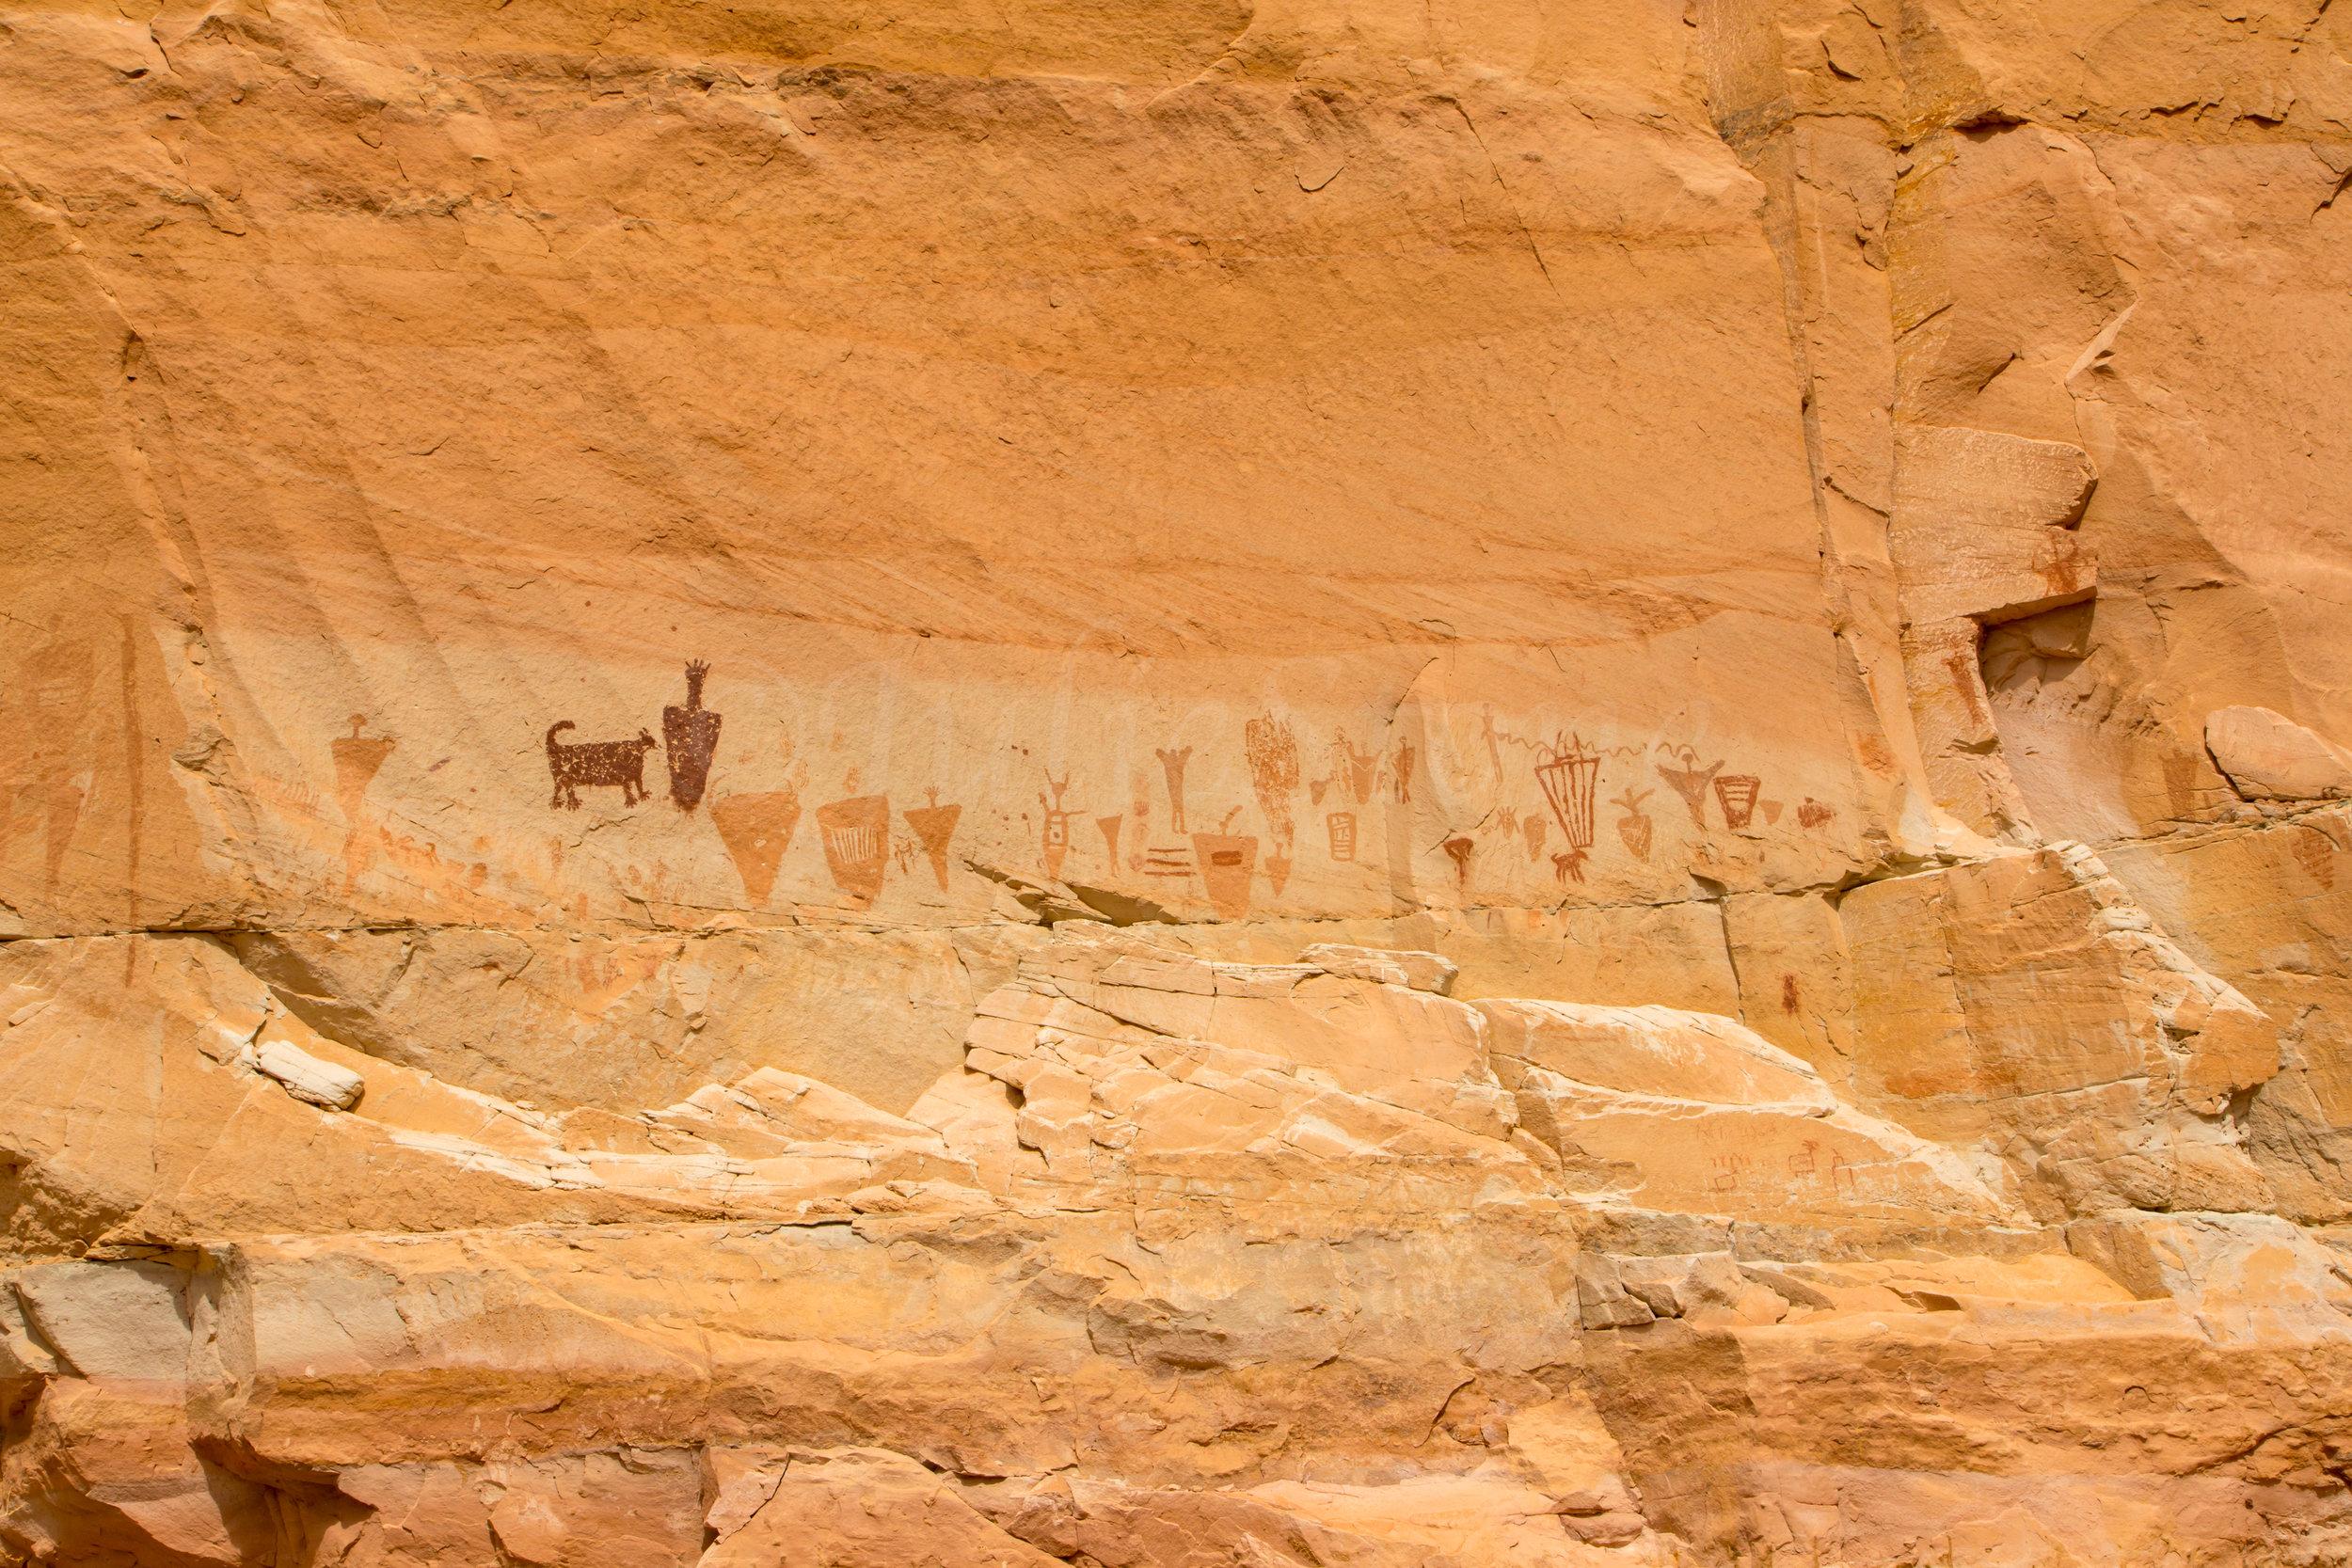 Horseshoe Canyon, Image # 9085